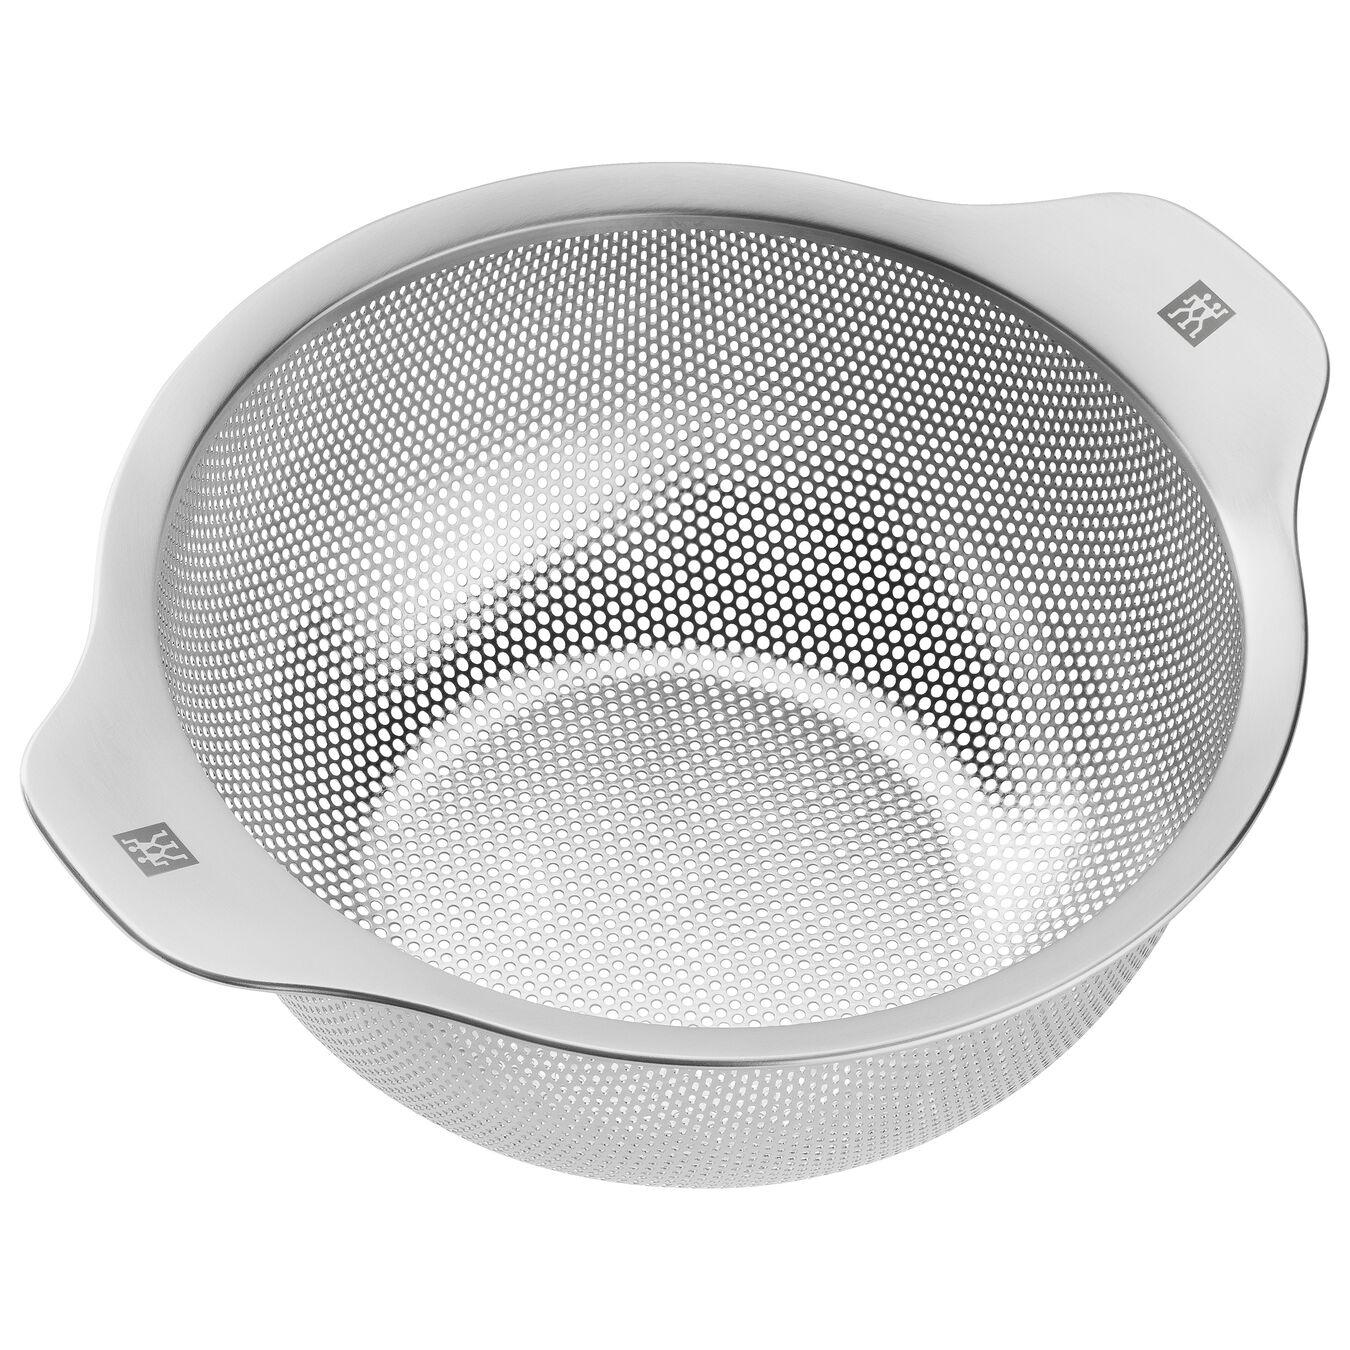 Scolapasta - 20 cm, 18/10 acciaio inossidabile,,large 2